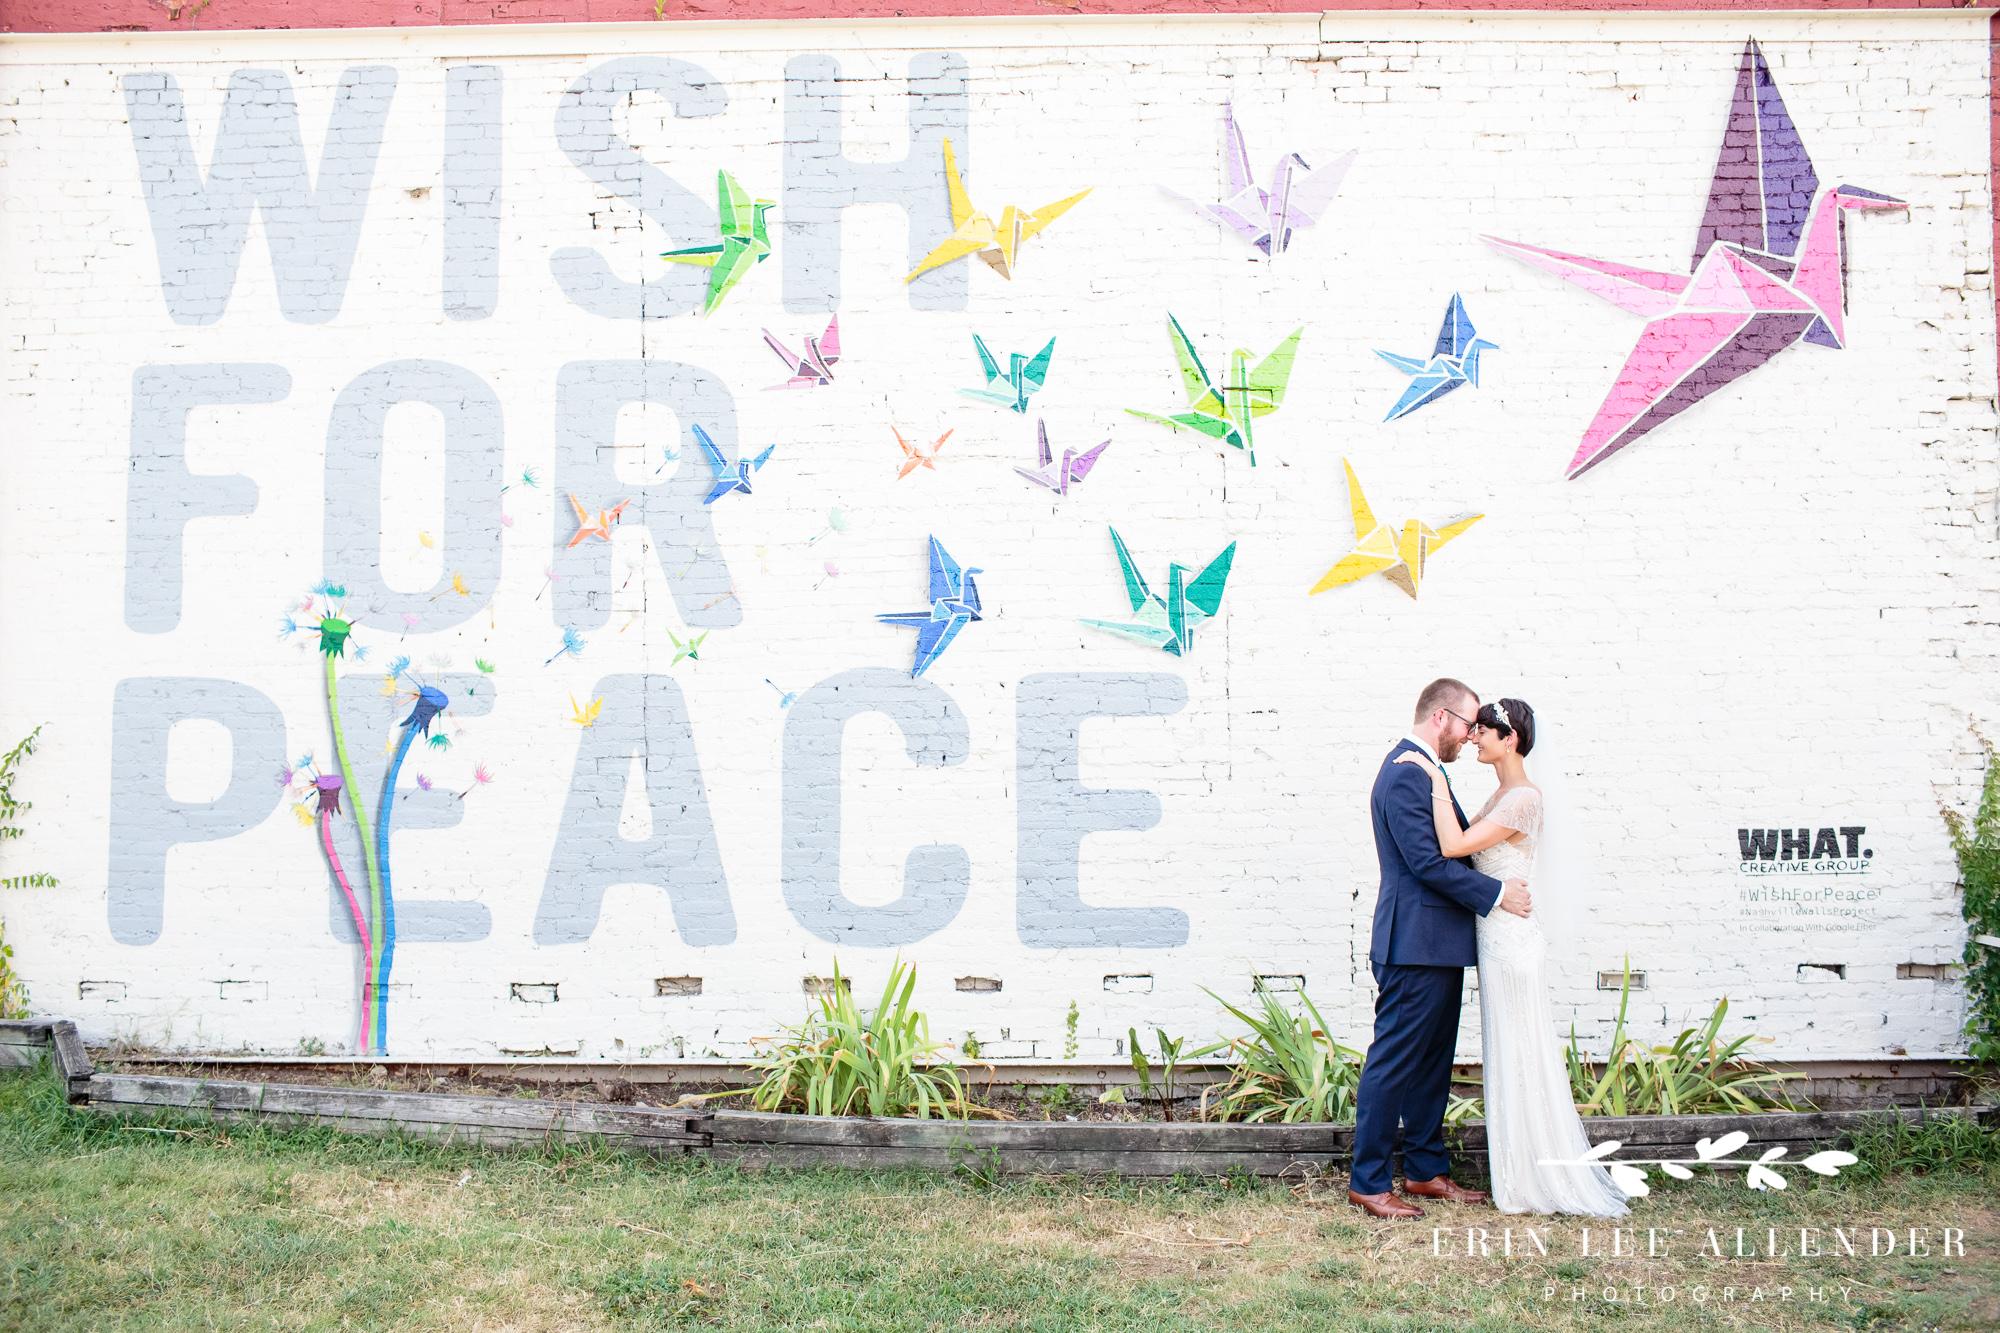 Bride_Groom_In_Front_Of_Mural